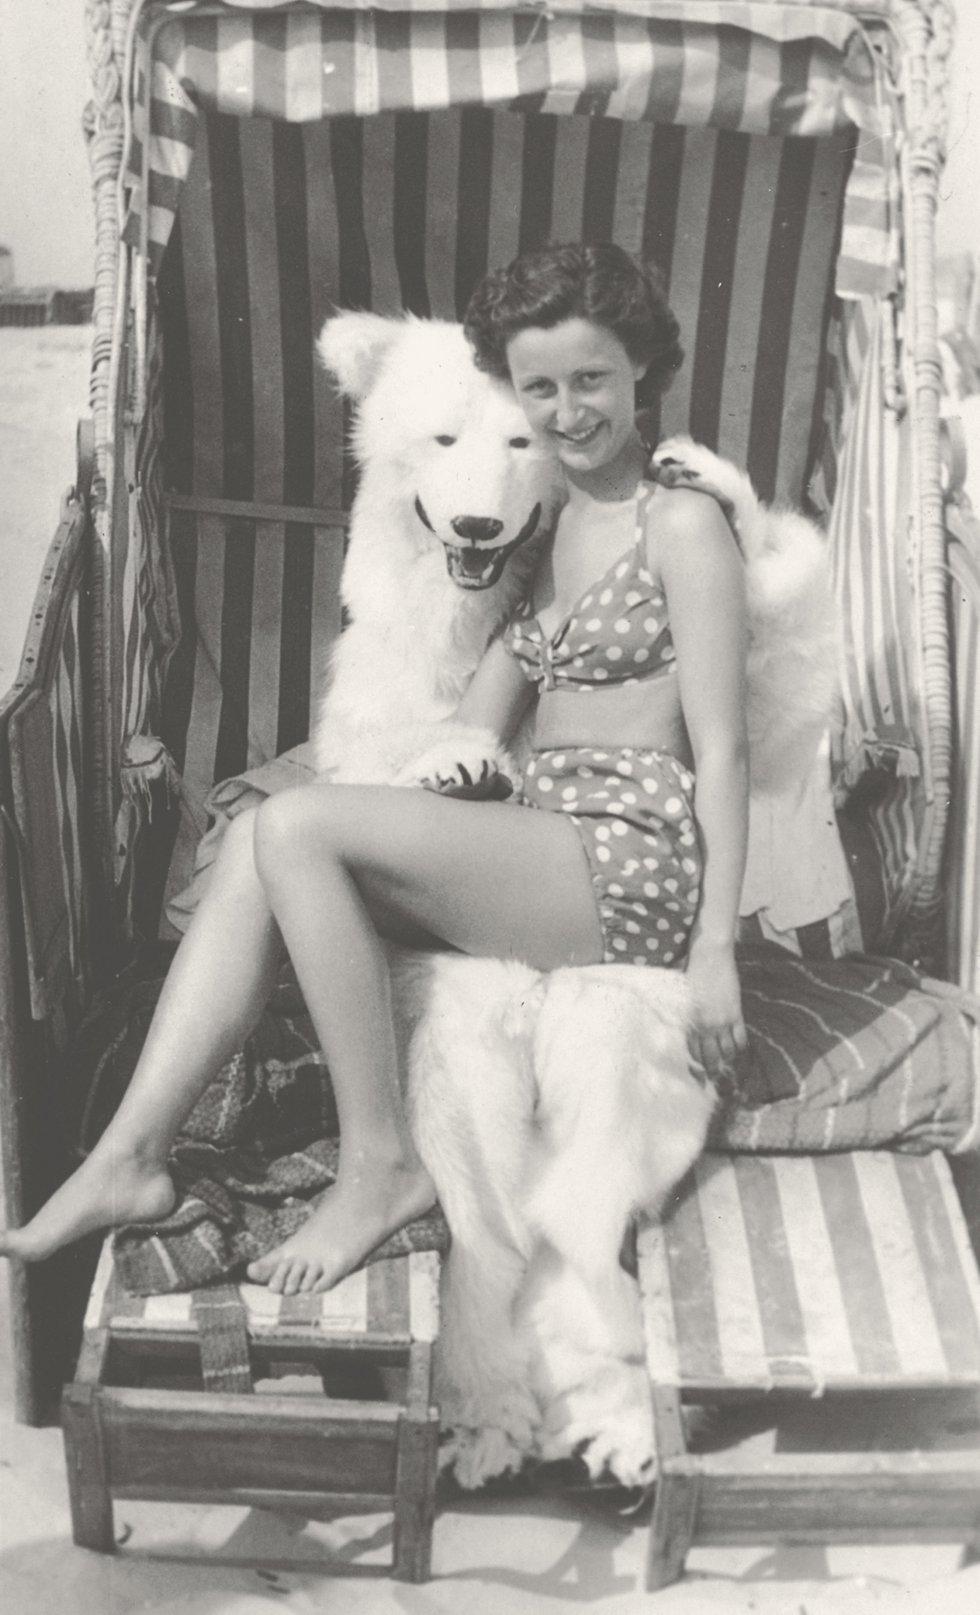 En la playa, en los bares, en la feria... Cualquier lugar era buen escenario para posar con el oso polar de peluche.